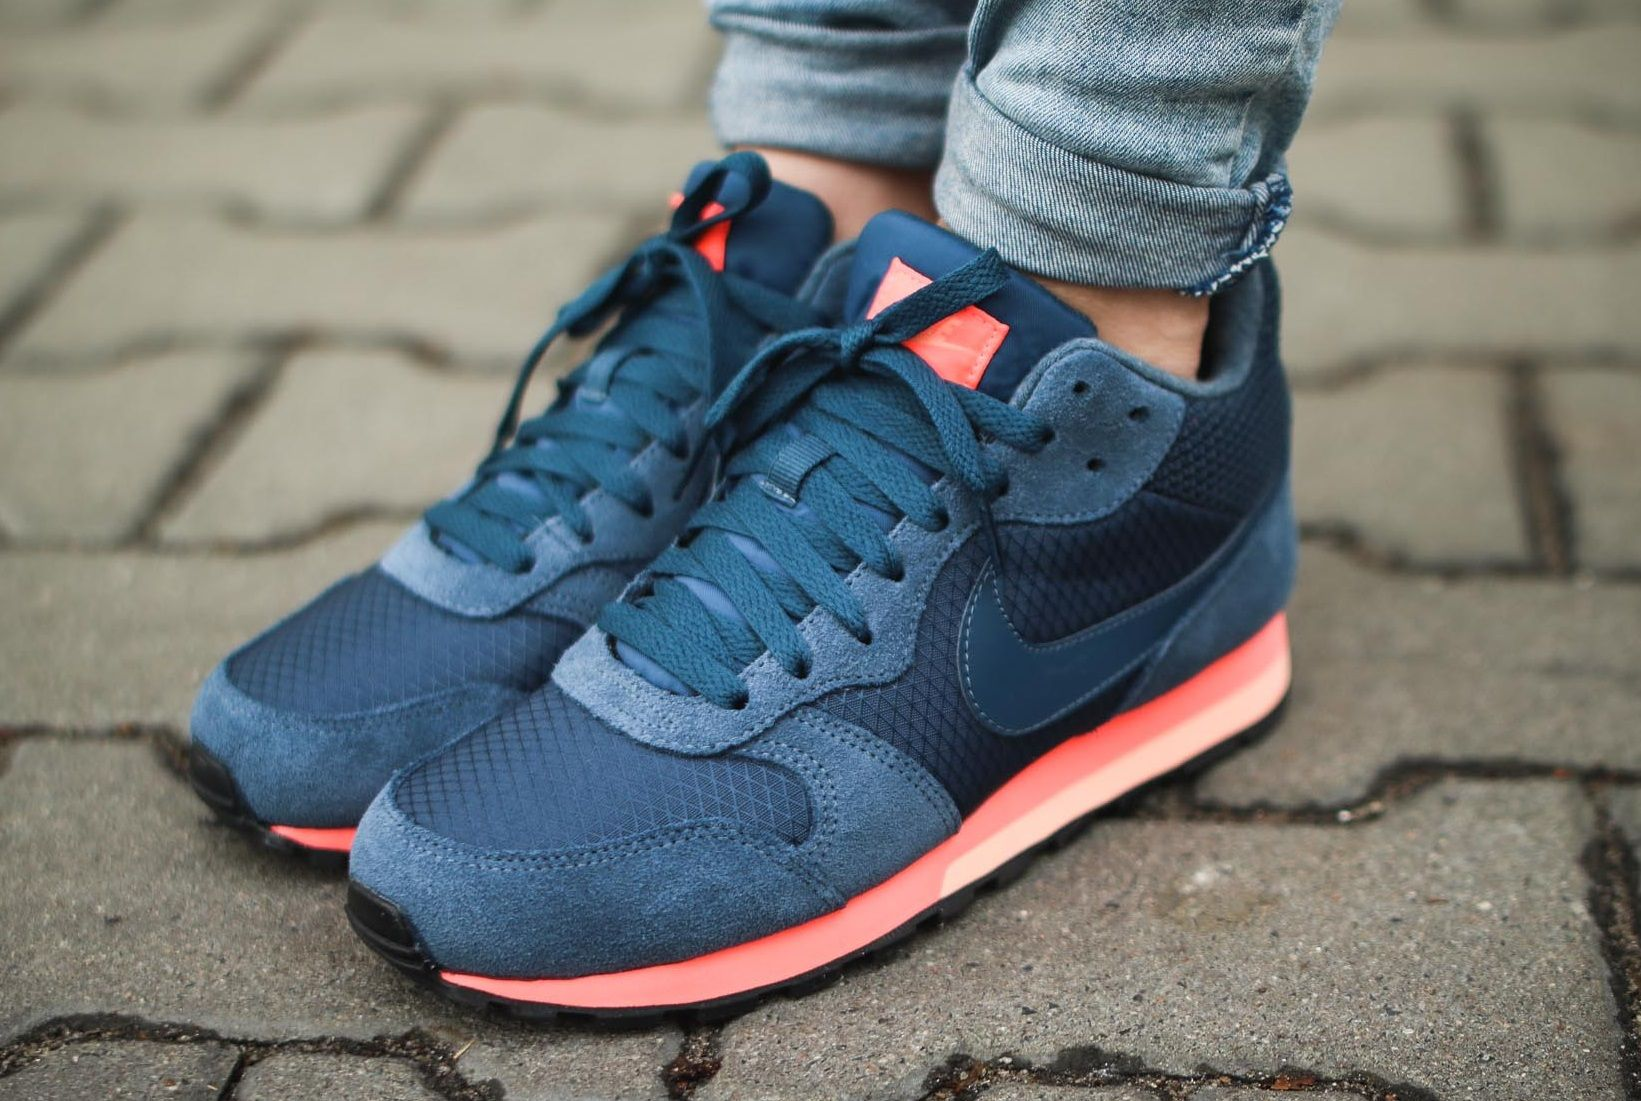 new arrival 8c601 078b7 Nike MD Runner 2 Mid